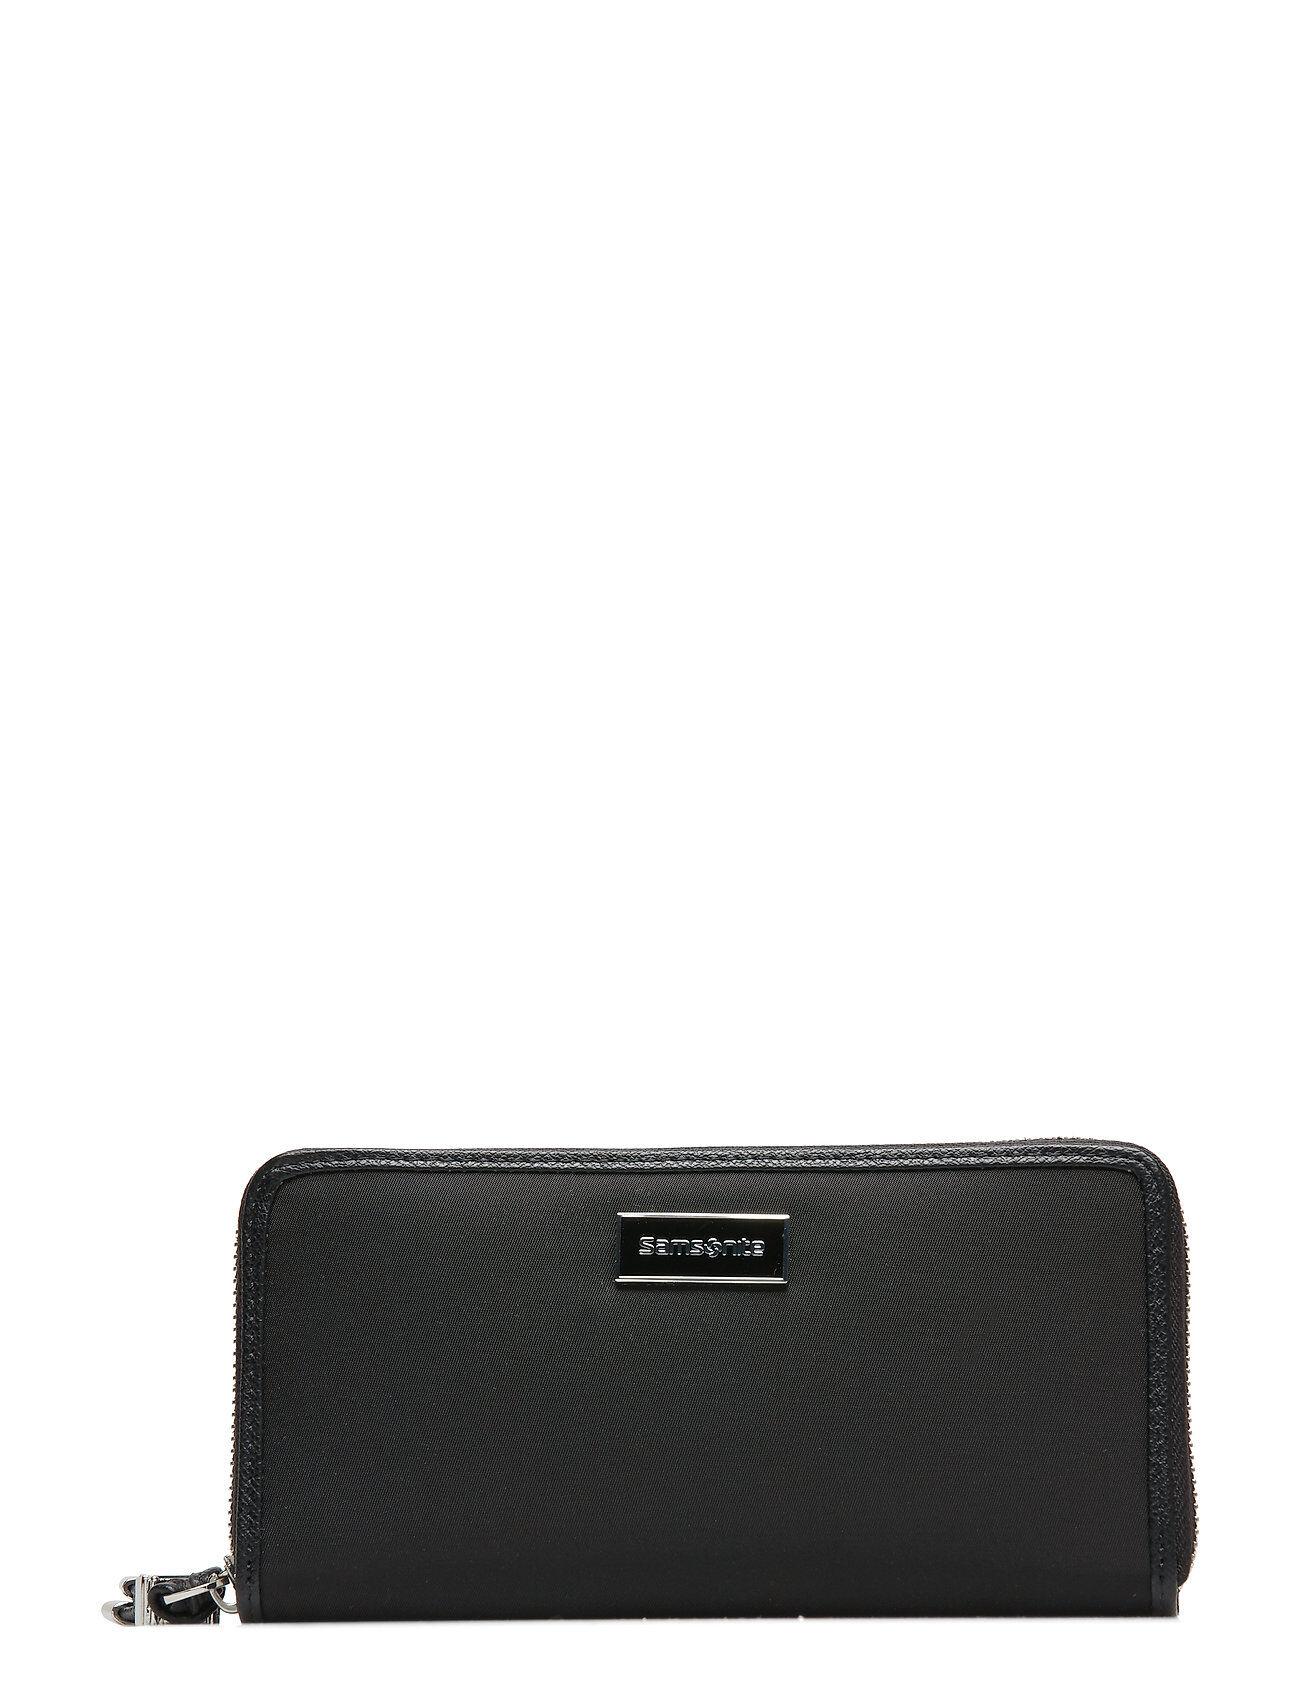 Samsonite Karissa Slg Bags Card Holders & Wallets Wallets Musta